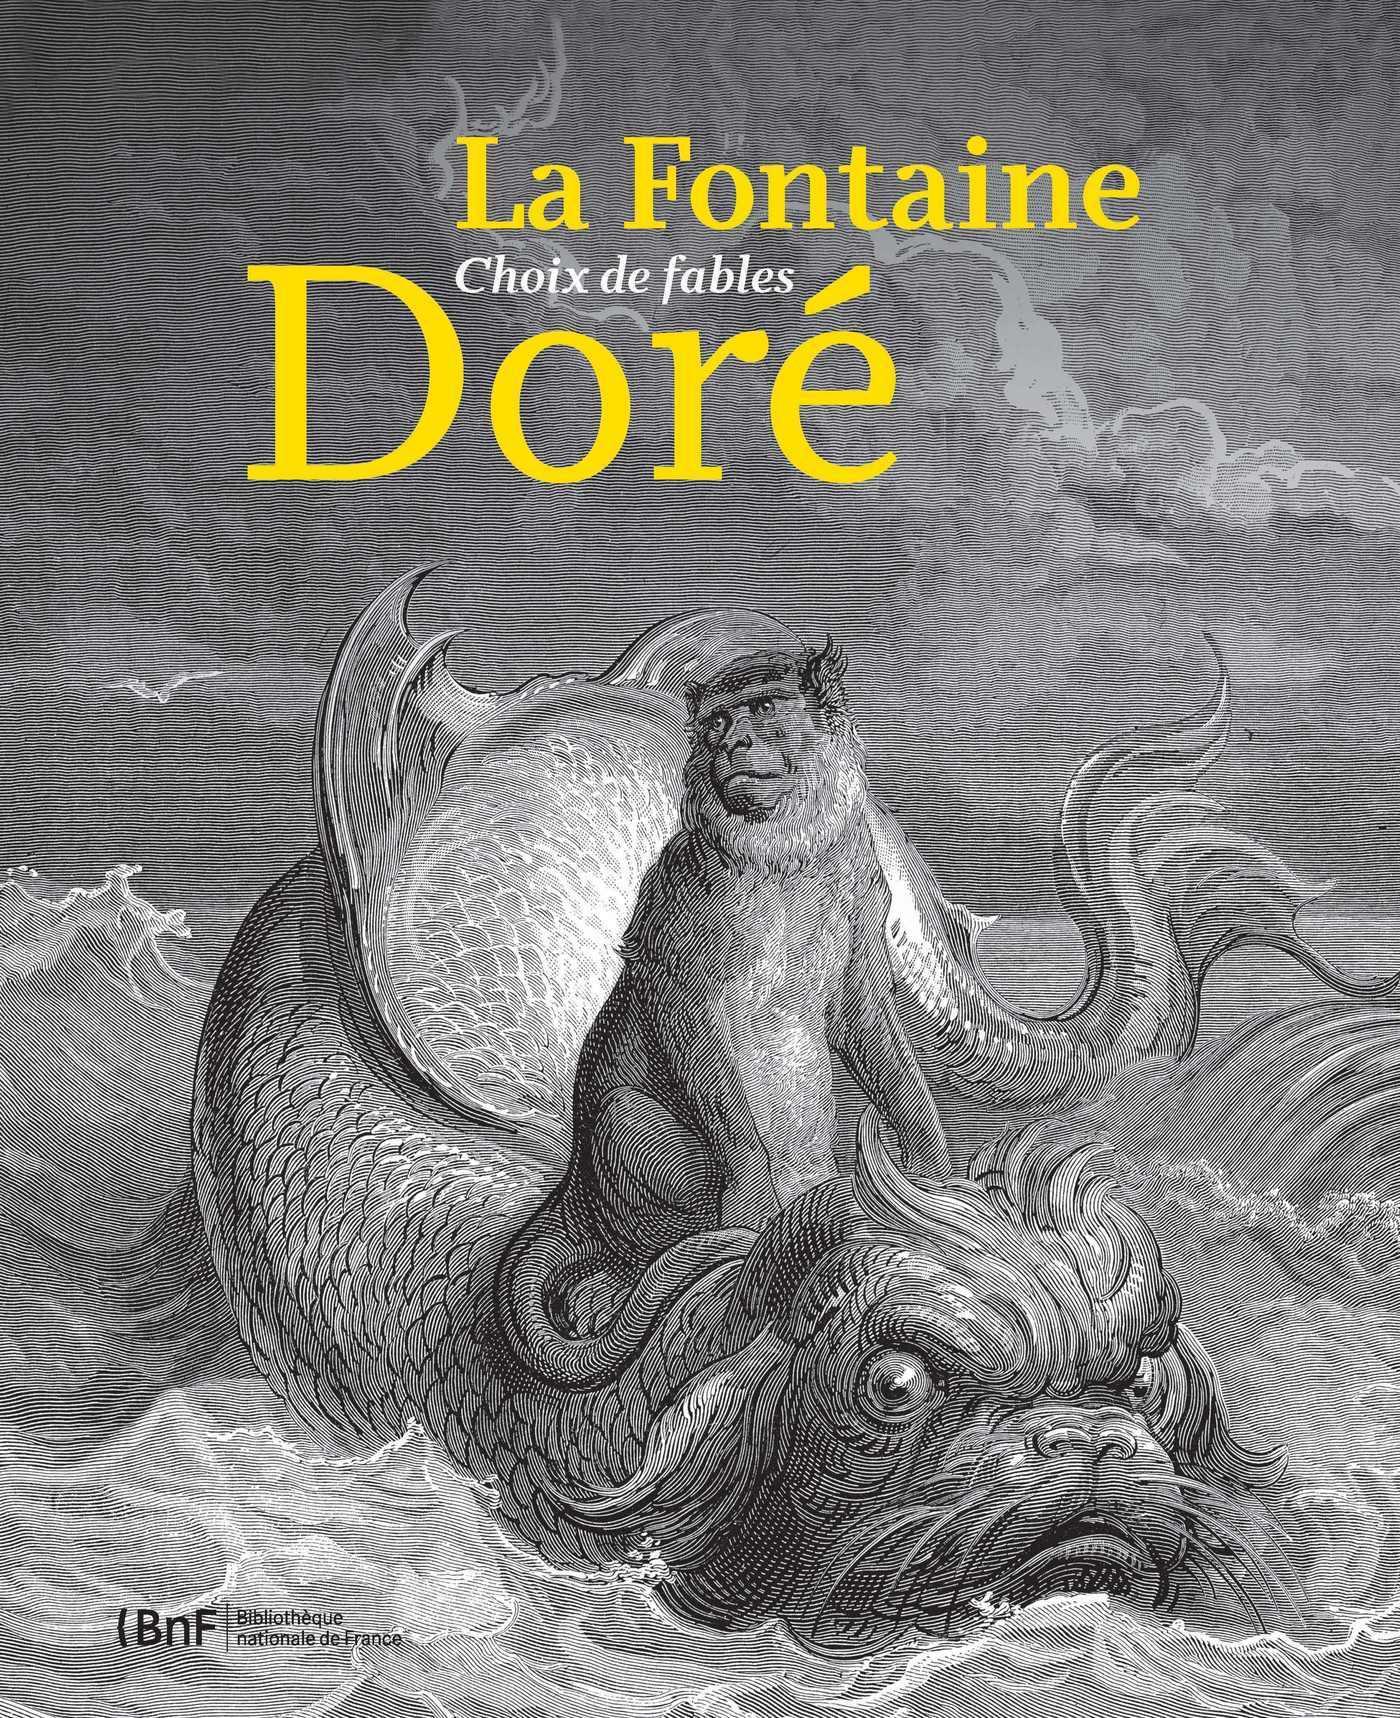 La Fontaine-Doré, CHOIX DE FABLES